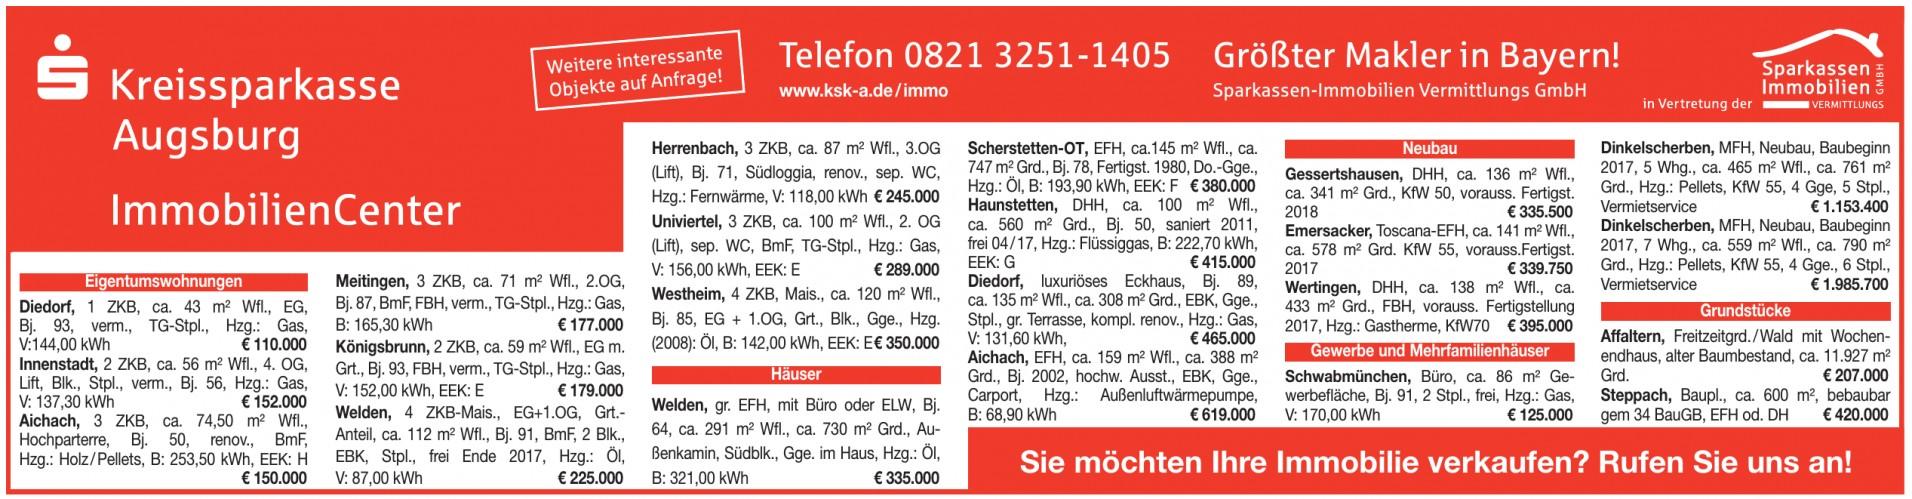 Sparkassen-Immobilien Vermittlungs GmbH - Kreissparkasse Augsburg